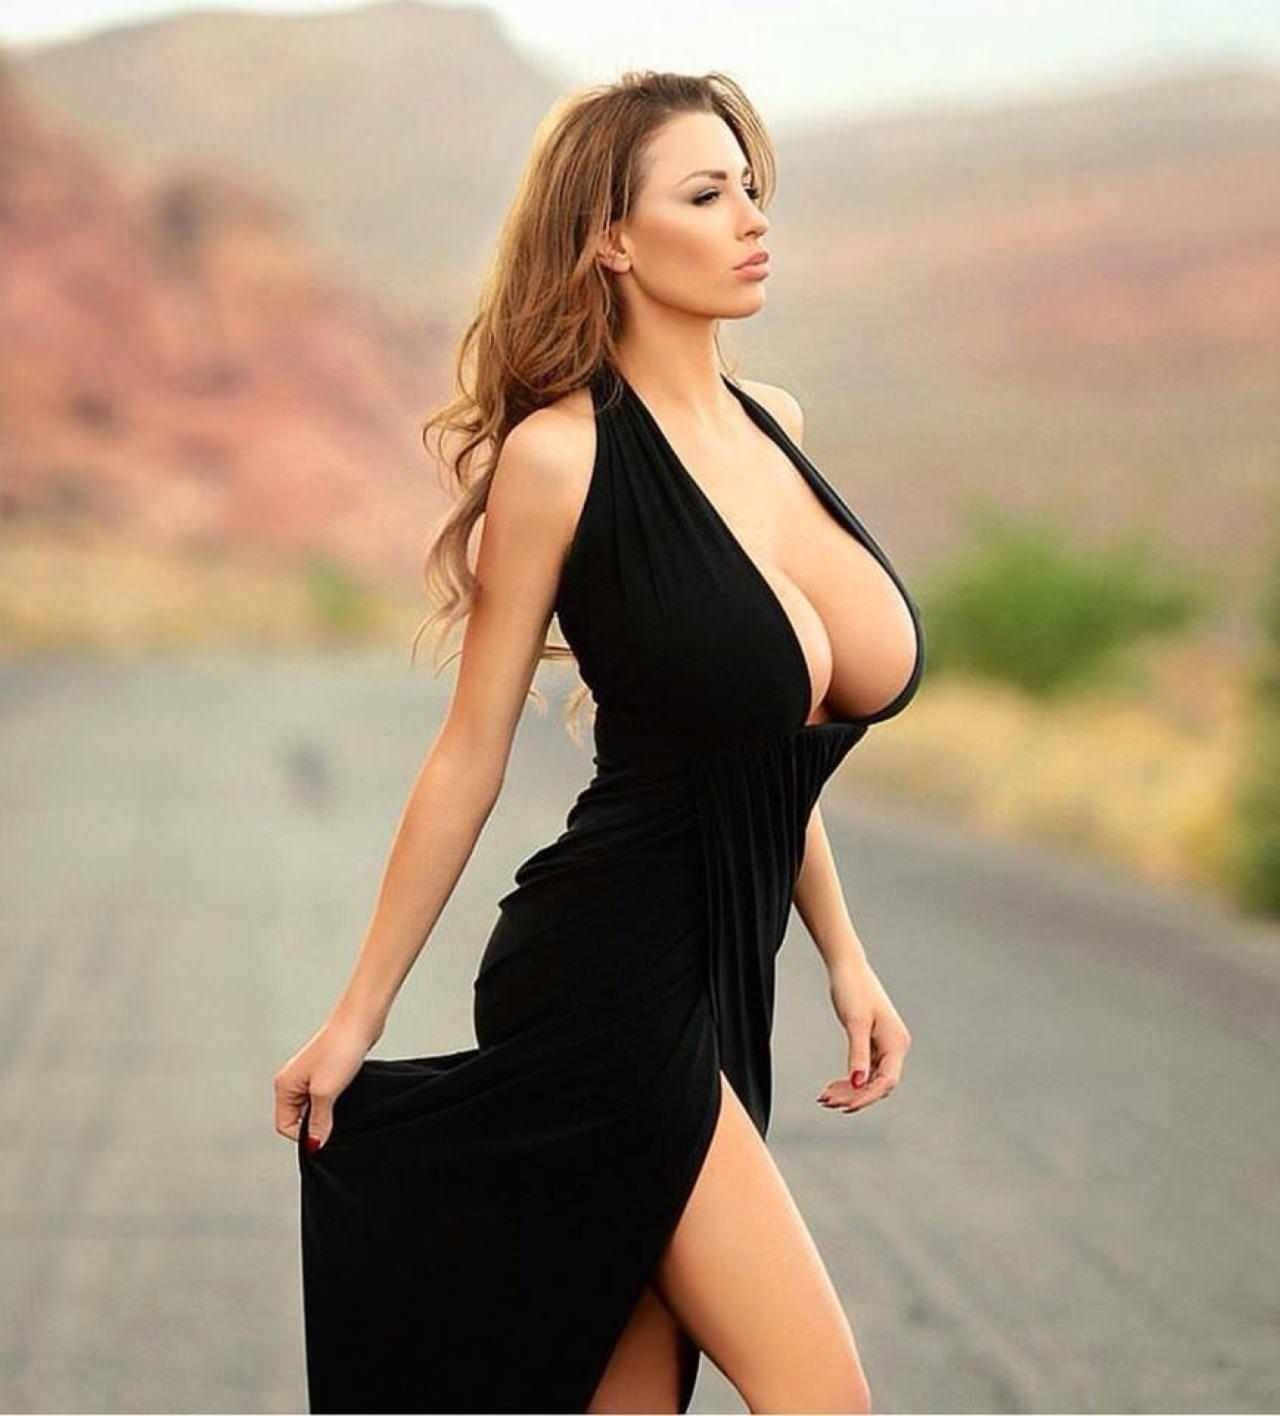 Images Jordan Carver nudes (51 photo), Tits, Sideboobs, Feet, underwear 2015